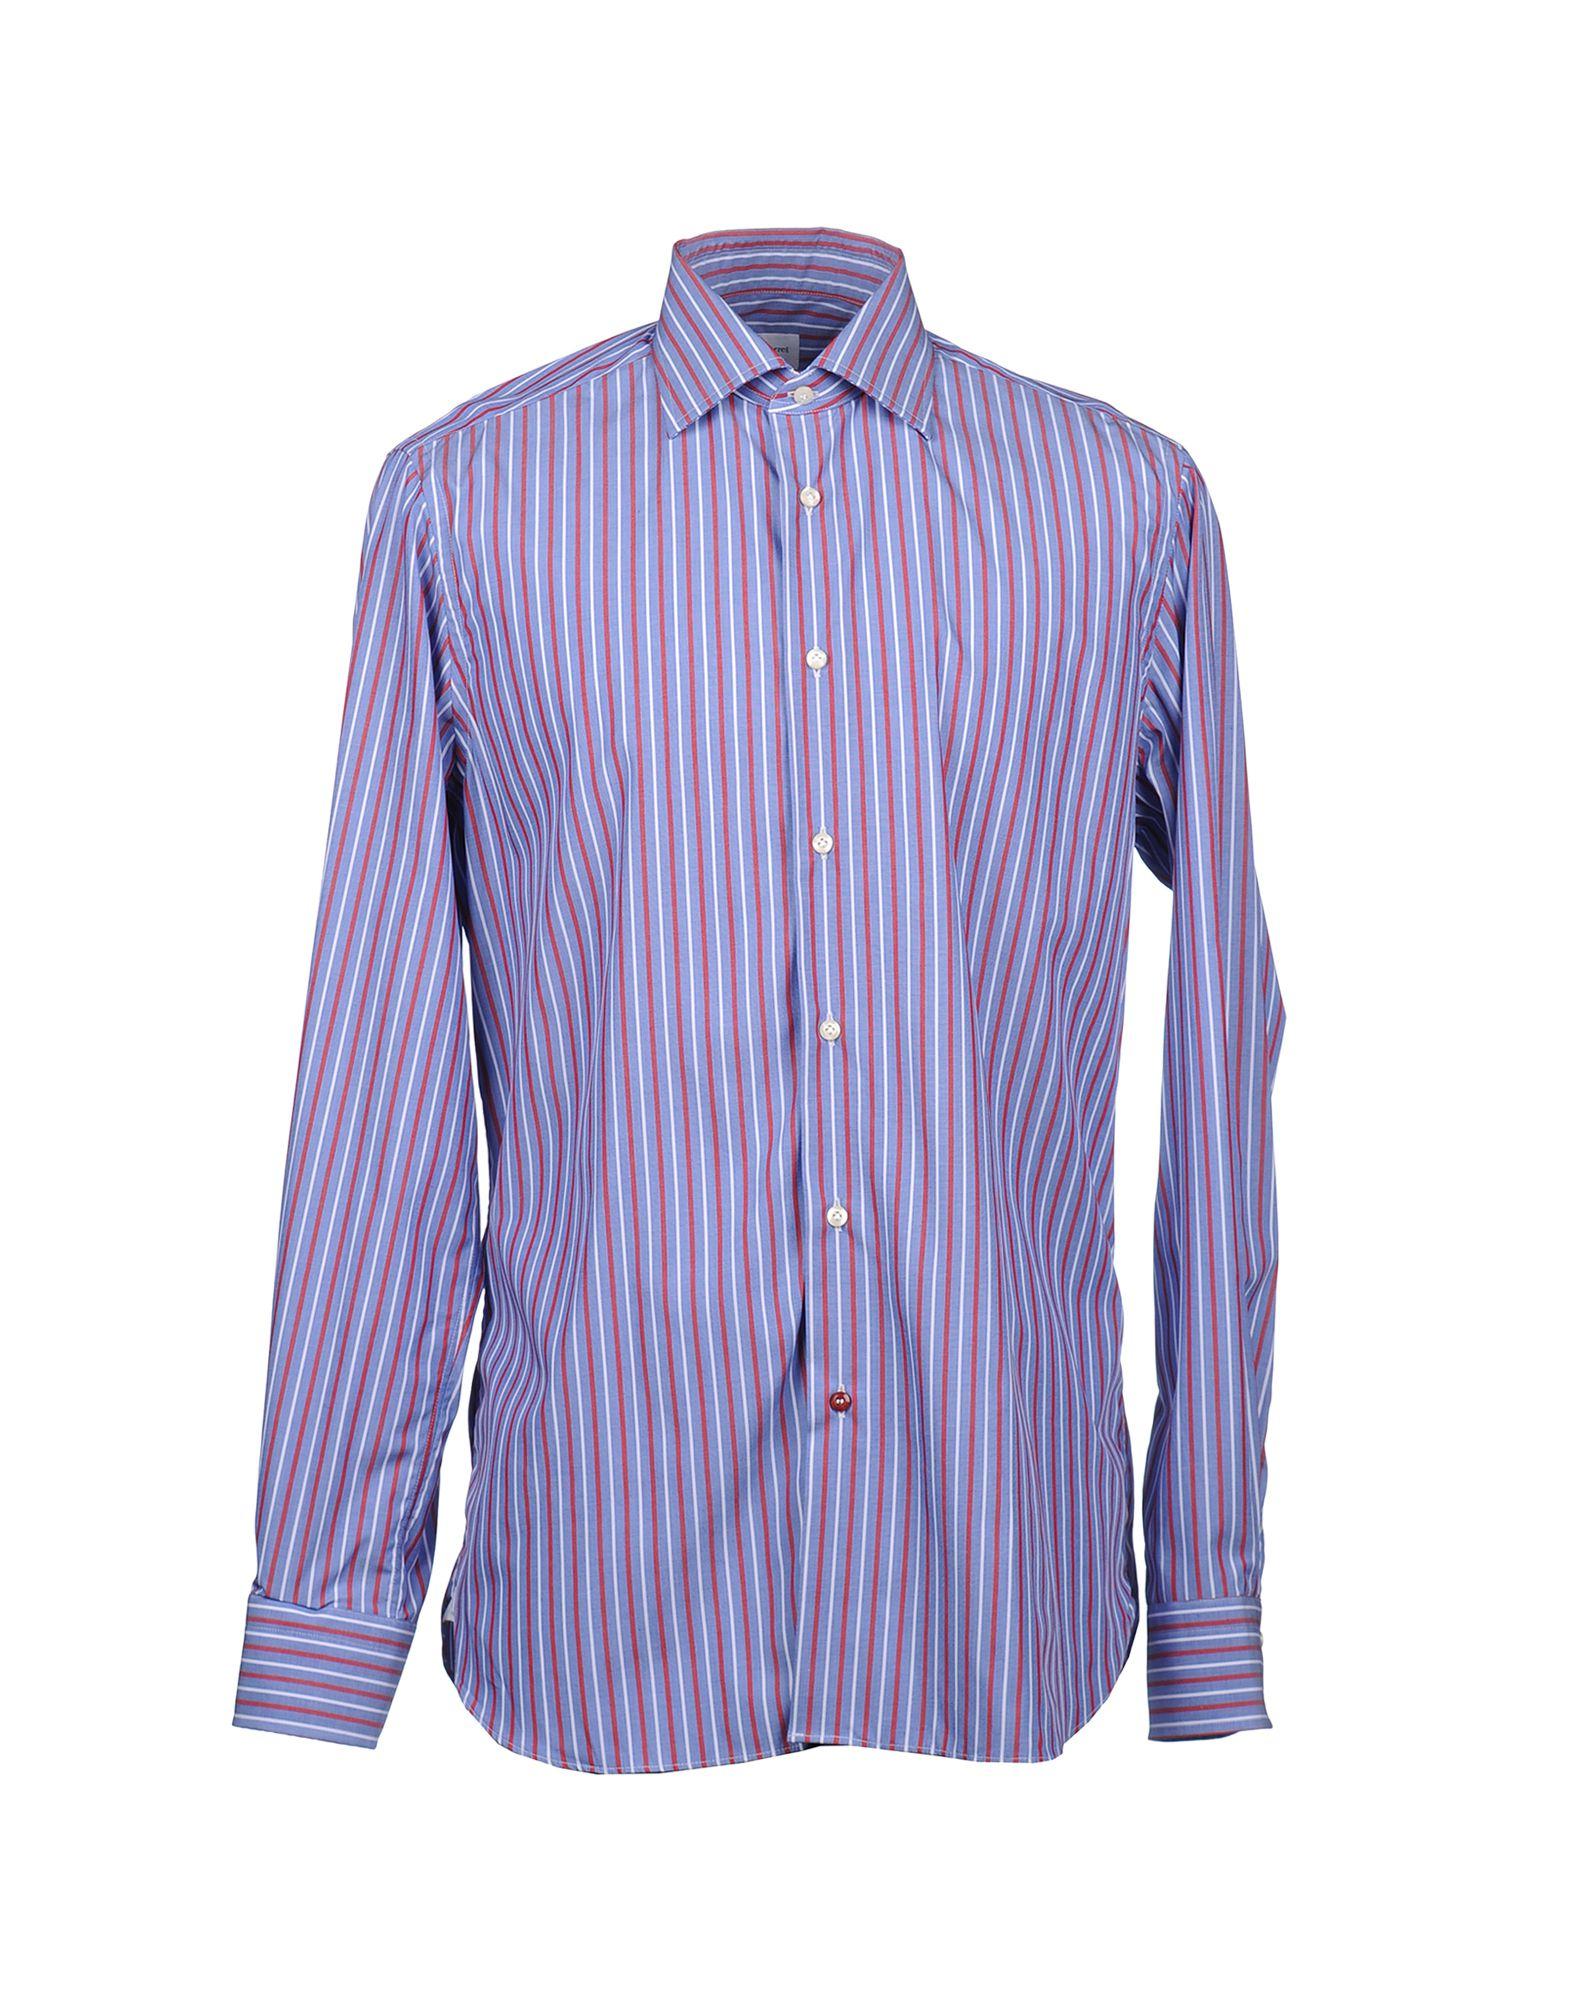 CÀRREL Рубашка с длинными рукавами c h i c платье рубашка в полоску